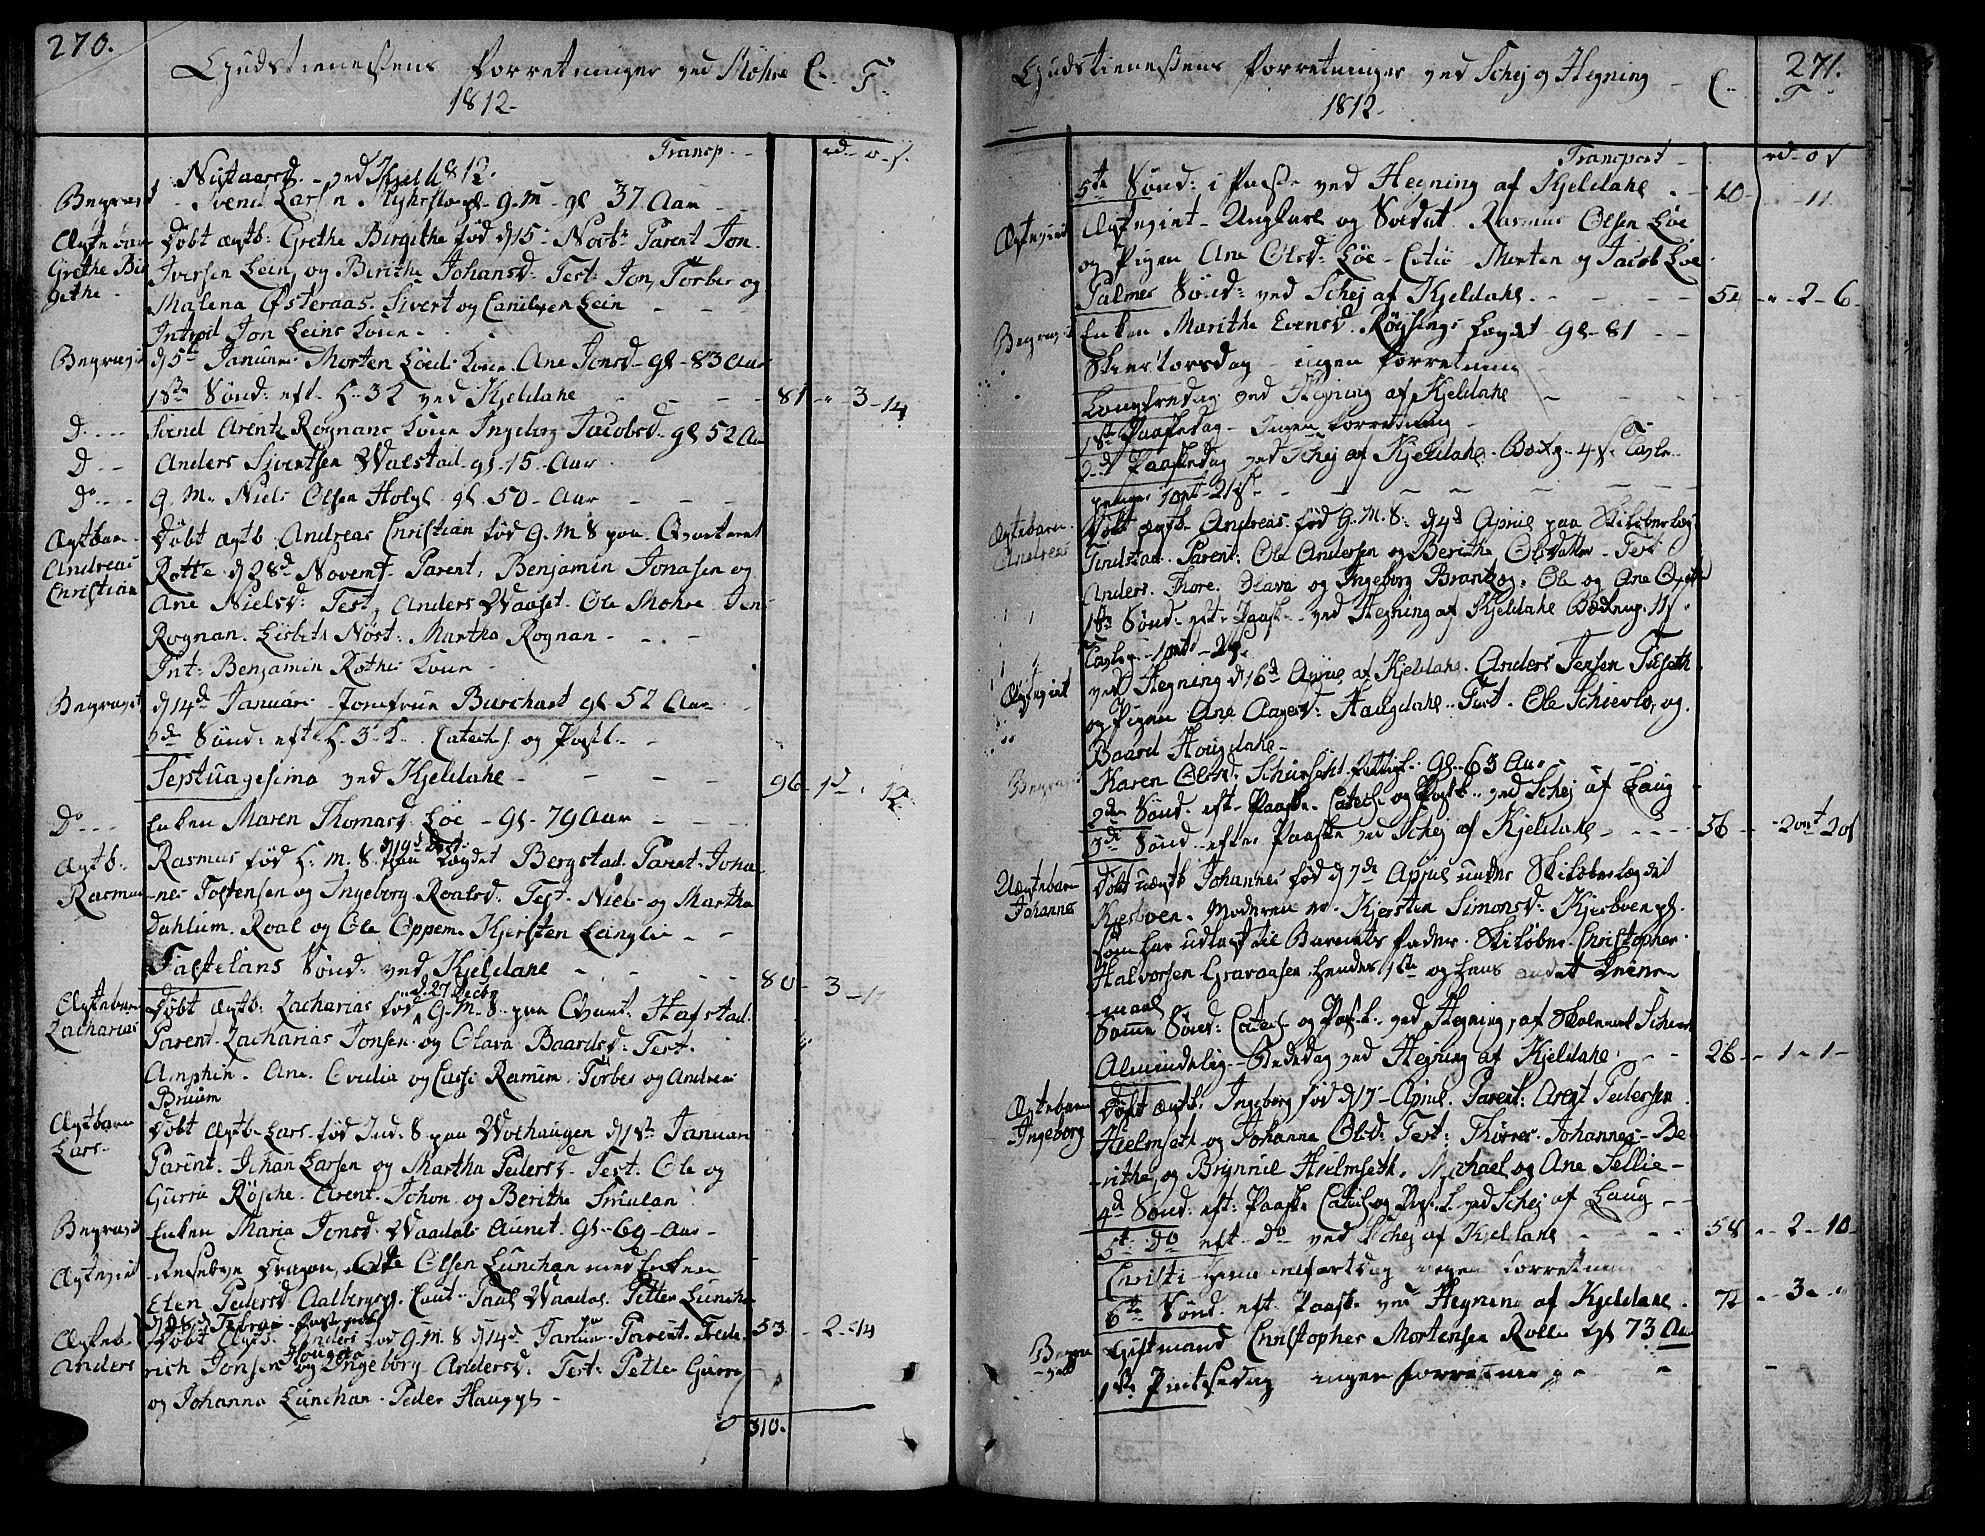 SAT, Ministerialprotokoller, klokkerbøker og fødselsregistre - Nord-Trøndelag, 735/L0332: Ministerialbok nr. 735A03, 1795-1816, s. 270-271